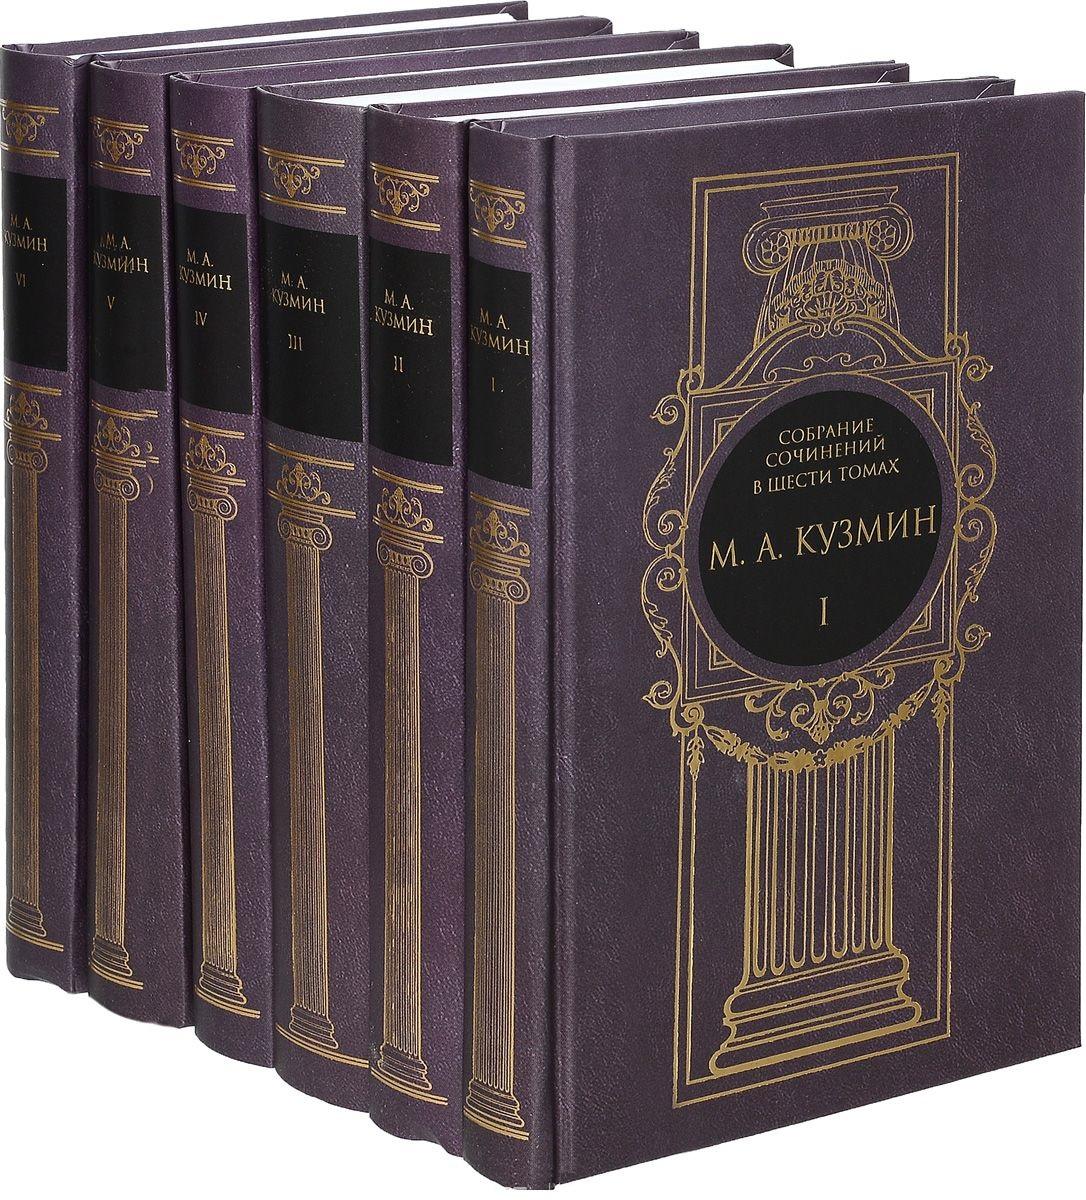 Кузмин М. М.А. Кузмин. Собрание сочинений в 6 томах (комплект из 6 книг) боевой флот комплект из 6 книг